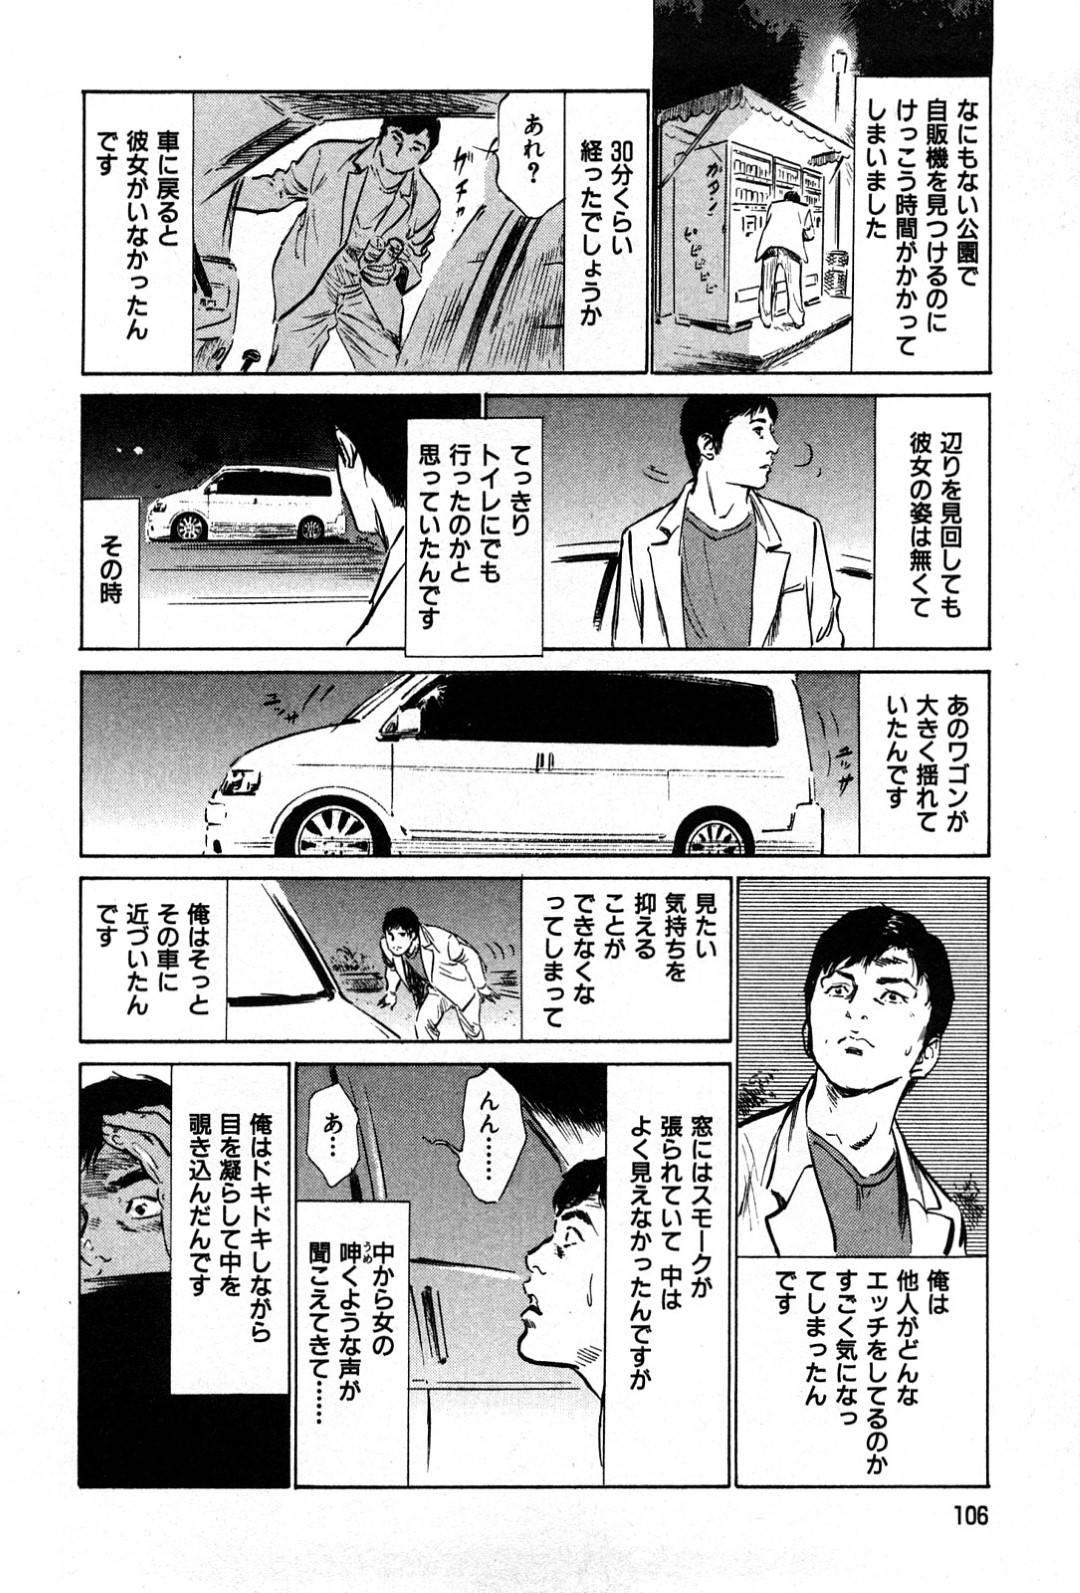 【4P寝取られエロ漫画】不感症な彼女と付き合っている彼は、カーセックスを終え外に出る。しばらくして戻ると彼女の姿が消えて降り近くの揺れるワゴン車を見てみると・・・【八月薫】